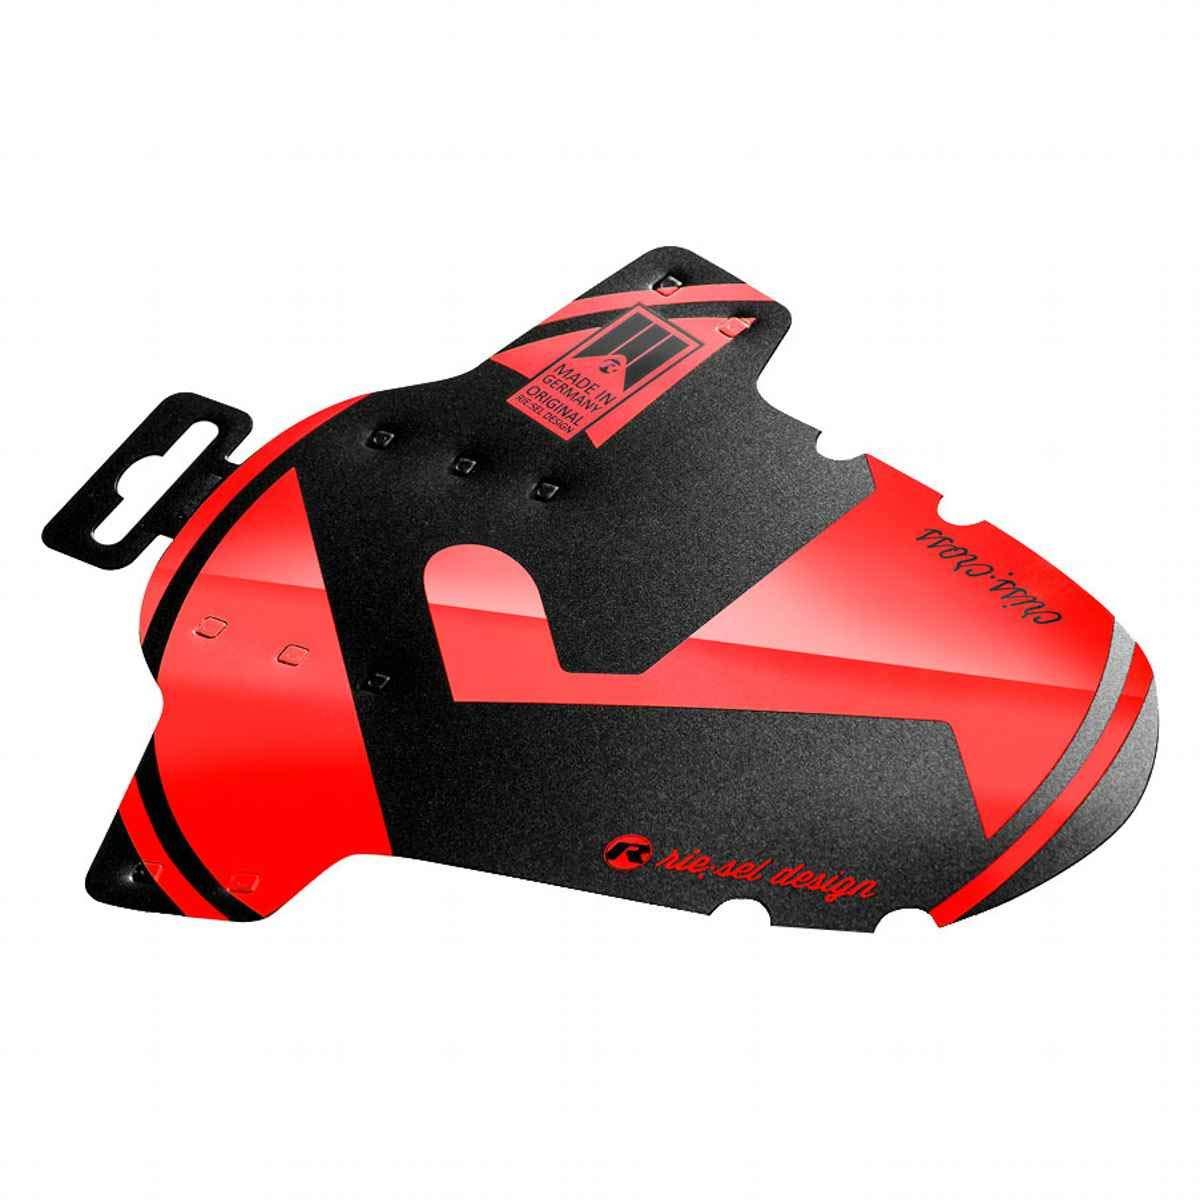 Garde-boue modèle Criss:Cross Riesel Design, garde-boue avant cyclocross VTC 4 attaches de câble + 2 décalcomanies-2018 4260403944271